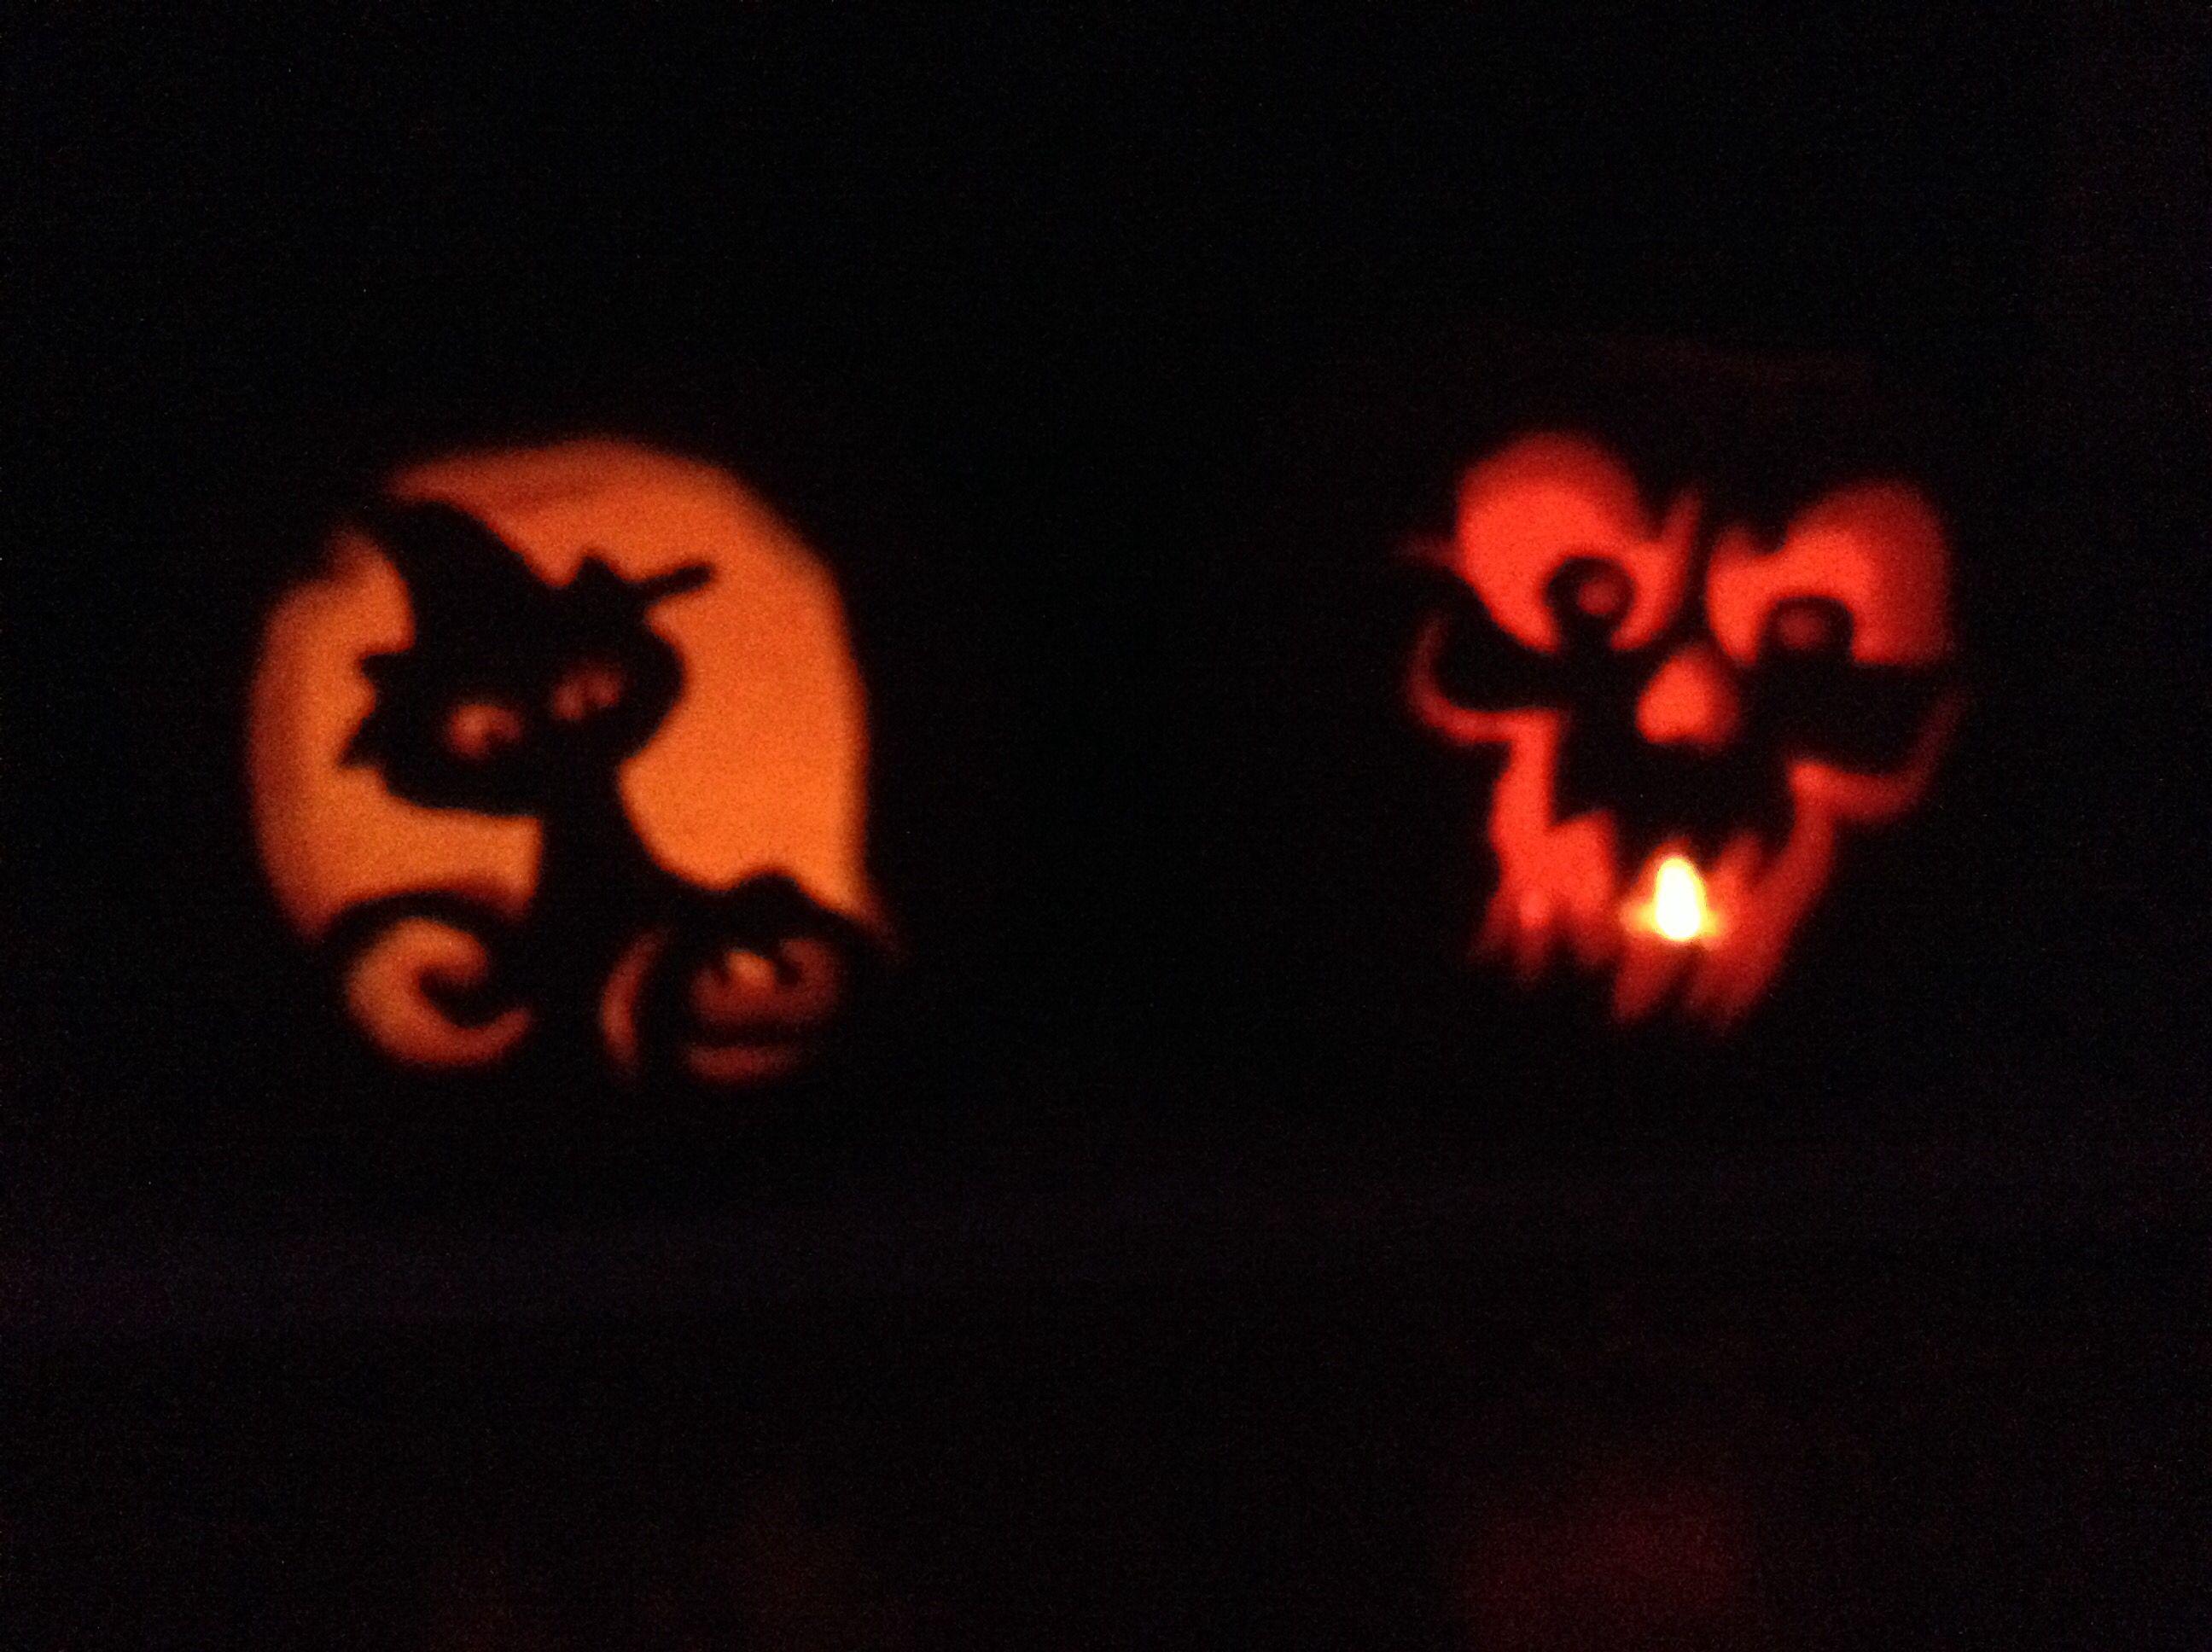 Pumpkins I carved